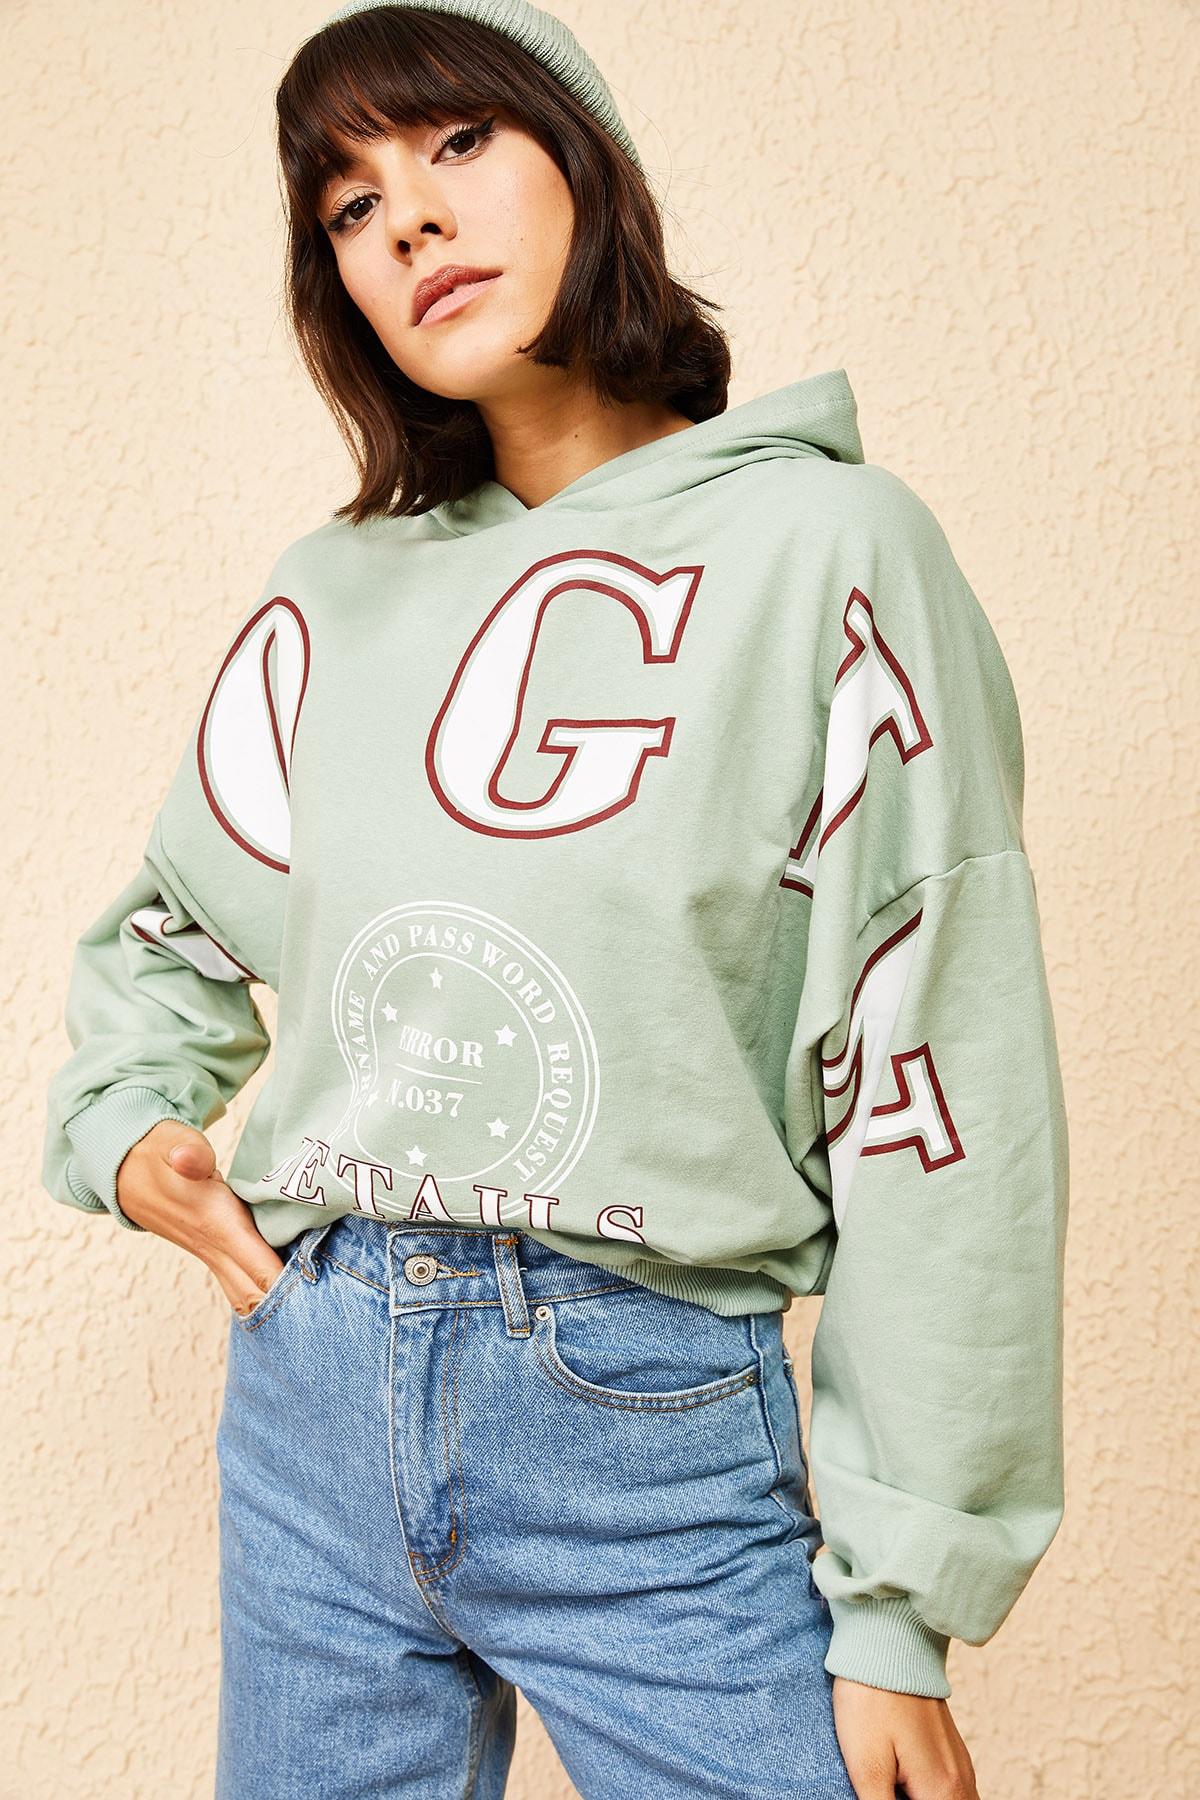 Bianco Lucci Kadın Mint Yeşili Kapüşonlu Yeşil Login Baskılı Oversize Sweatshirt 10121035 2